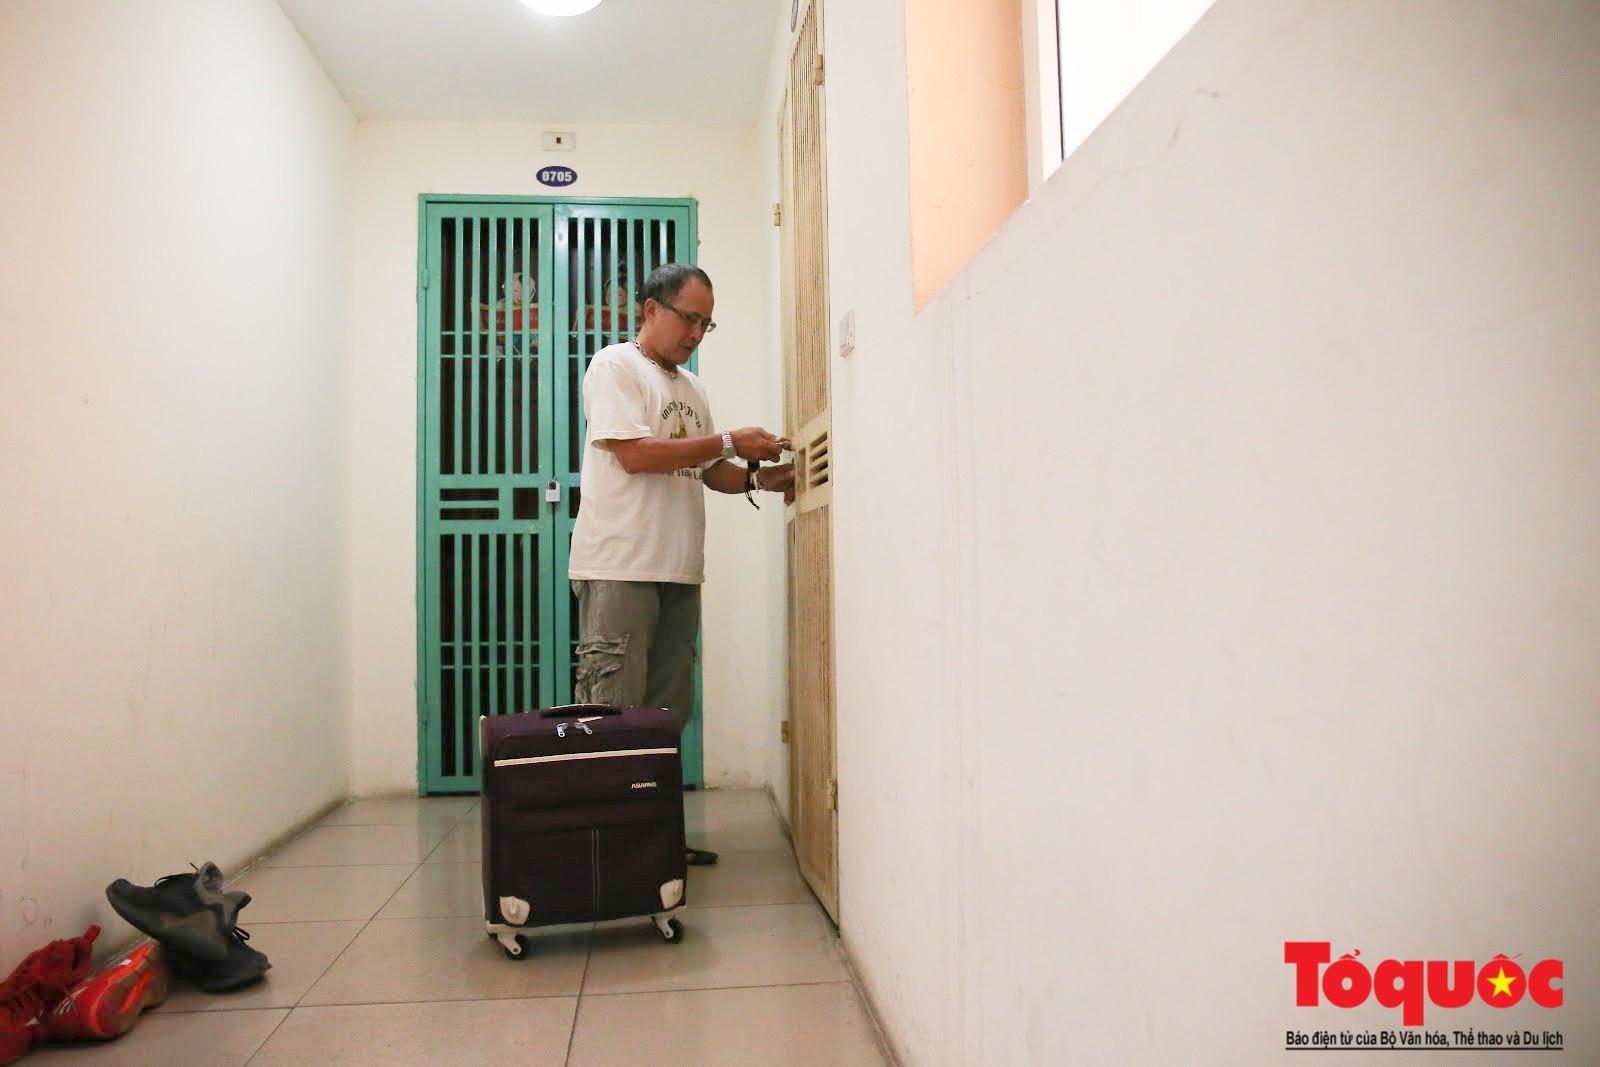 Cám cảnh có nhà mà không thể ở của người dân Hạ Định sau vụ cháy kho Rạng Đông (2)